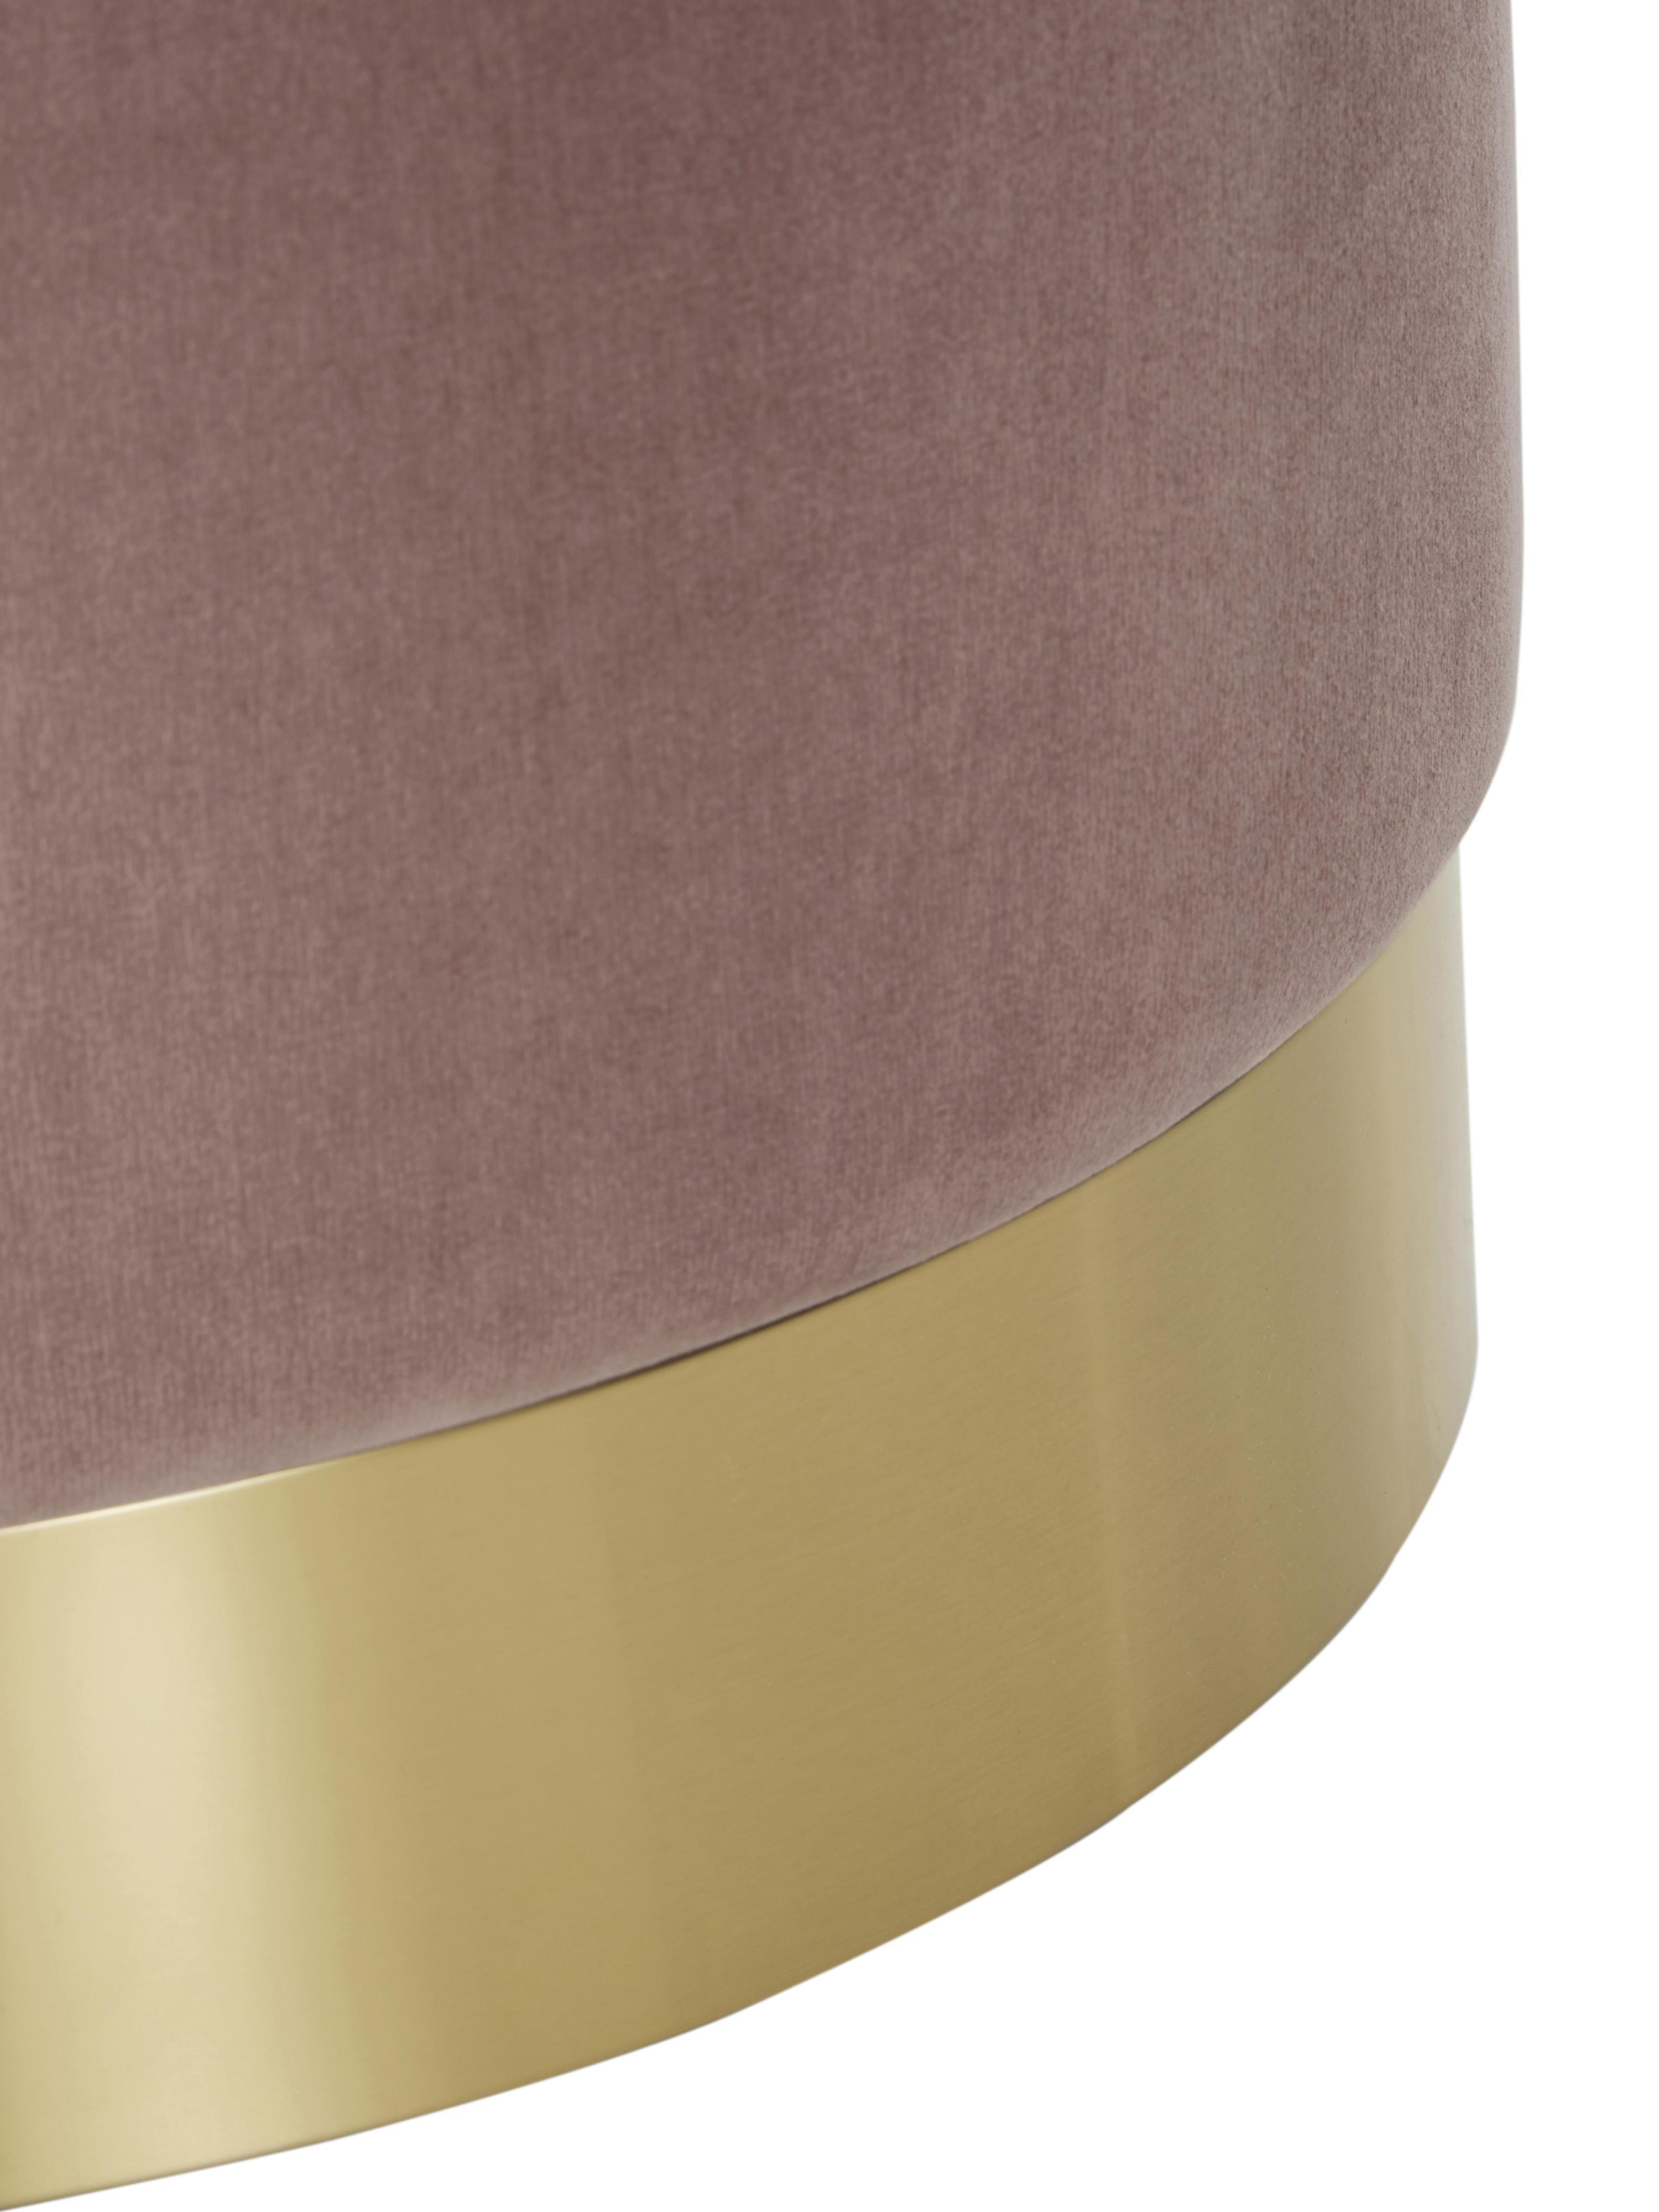 Pouf in velluto Orchid, Rivestimento: velluto (poliestere) Con , Struttura: compensato, Rivestimento: rosa Base: dorato, Ø 38 x Alt. 38 cm